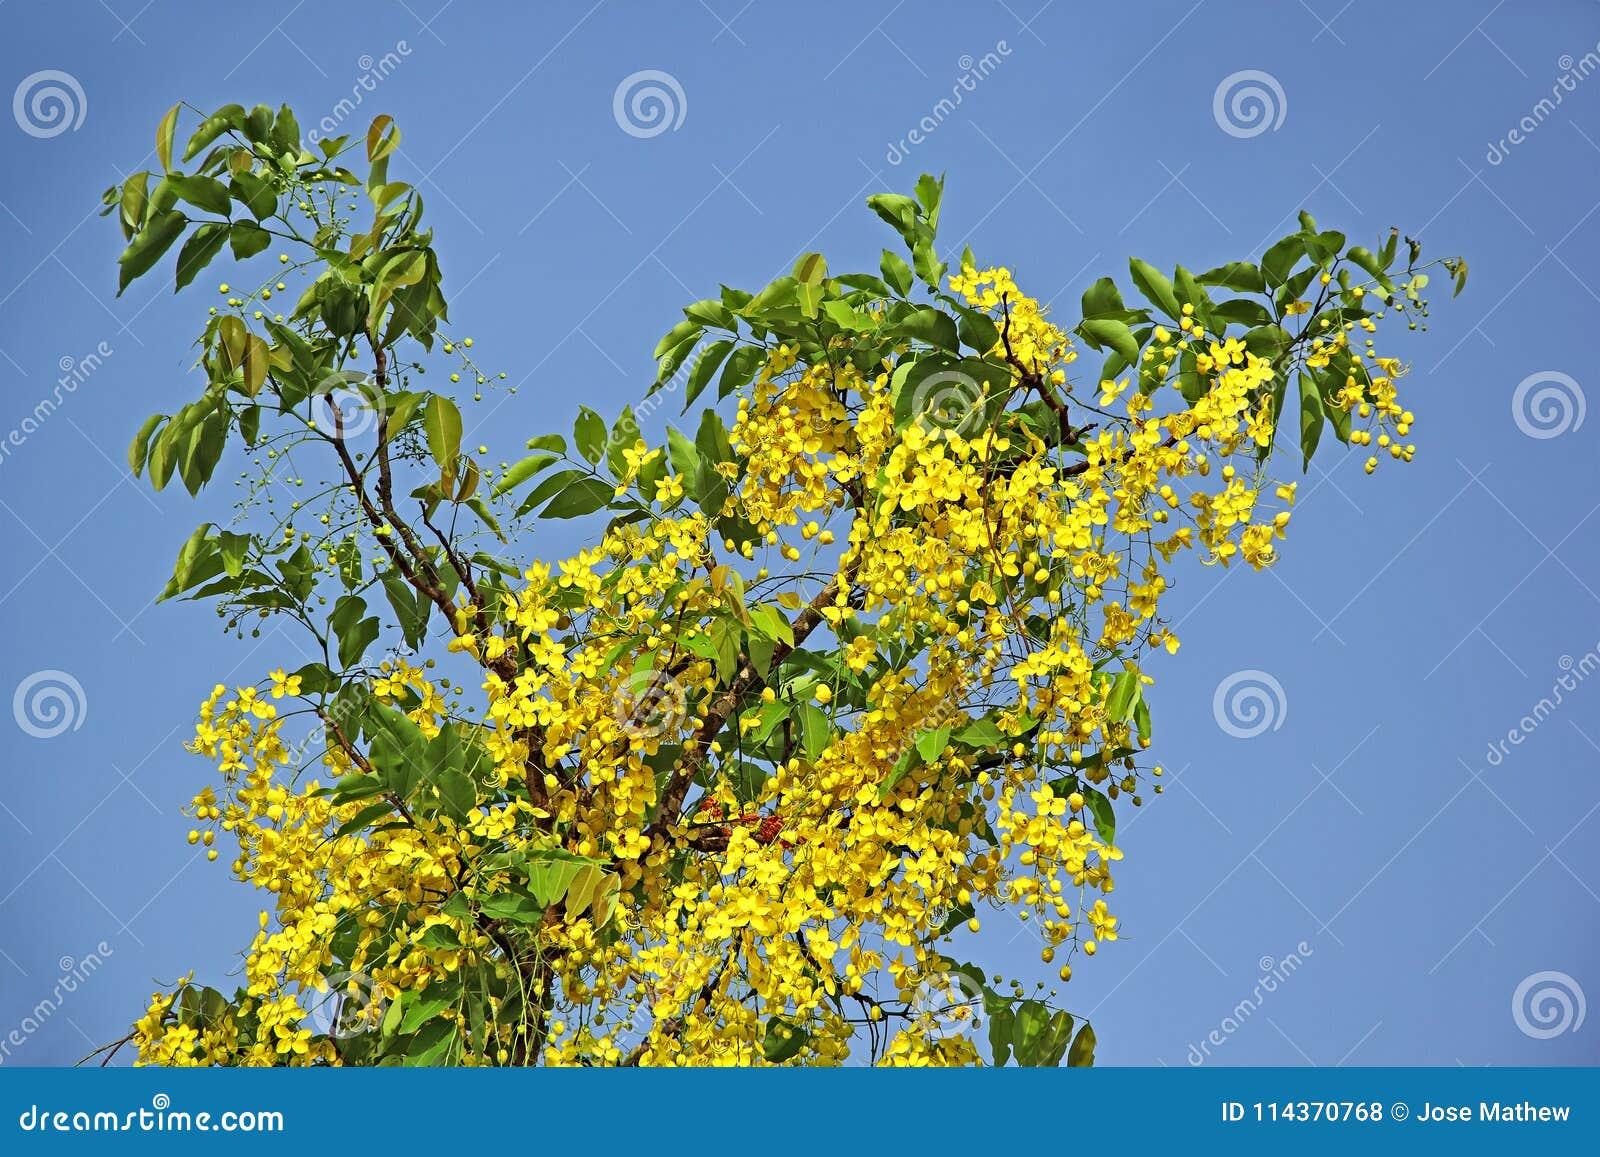 Branche D Arbre D Or Se Developpante De Fleur De Douche Photo Stock